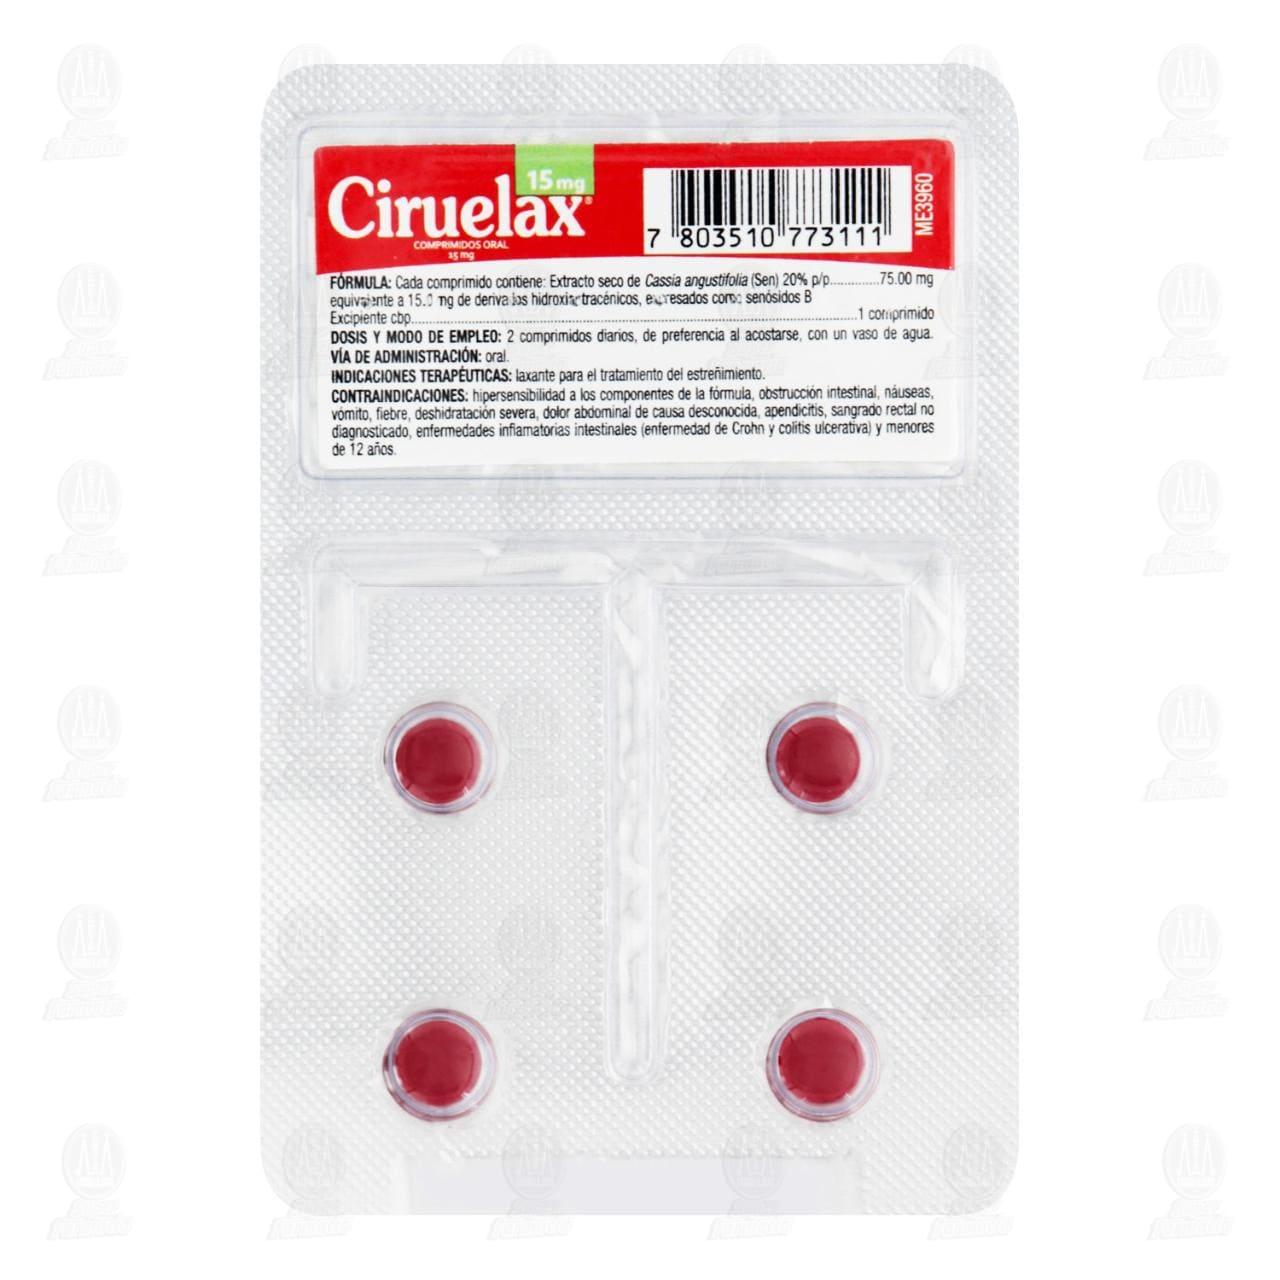 Comprar Ciruelax 4 Comprimidos Blíster en Farmacias Guadalajara